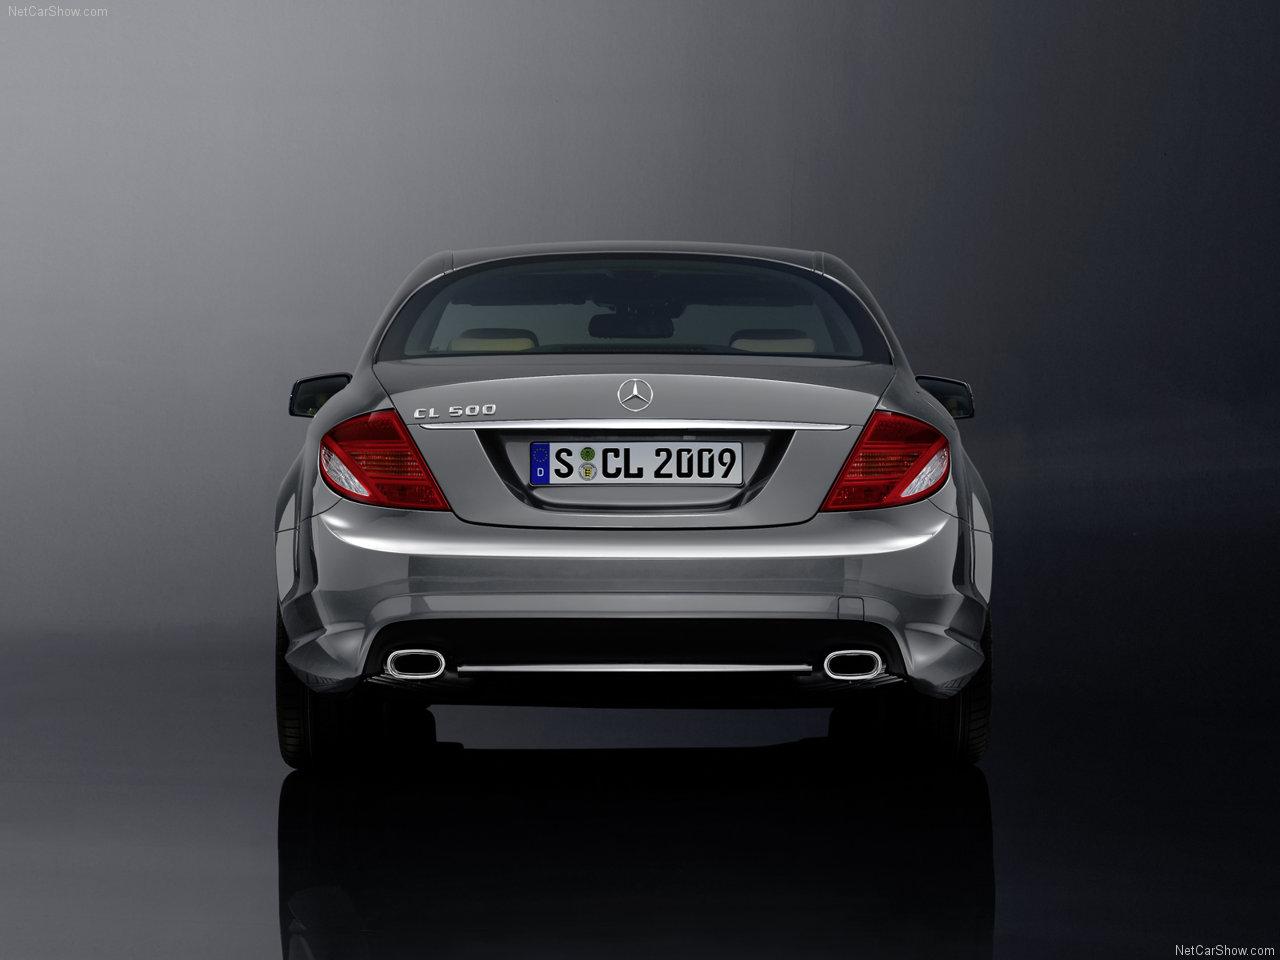 http://2.bp.blogspot.com/-8sA-8cCReqI/TWYBkMmt3gI/AAAAAAACLAM/wYlGKHThu04/s1600/Mercedes-Benz-CL-Class_AMG_Sports_Package_2010_1280x960_wallpaper_03.jpg